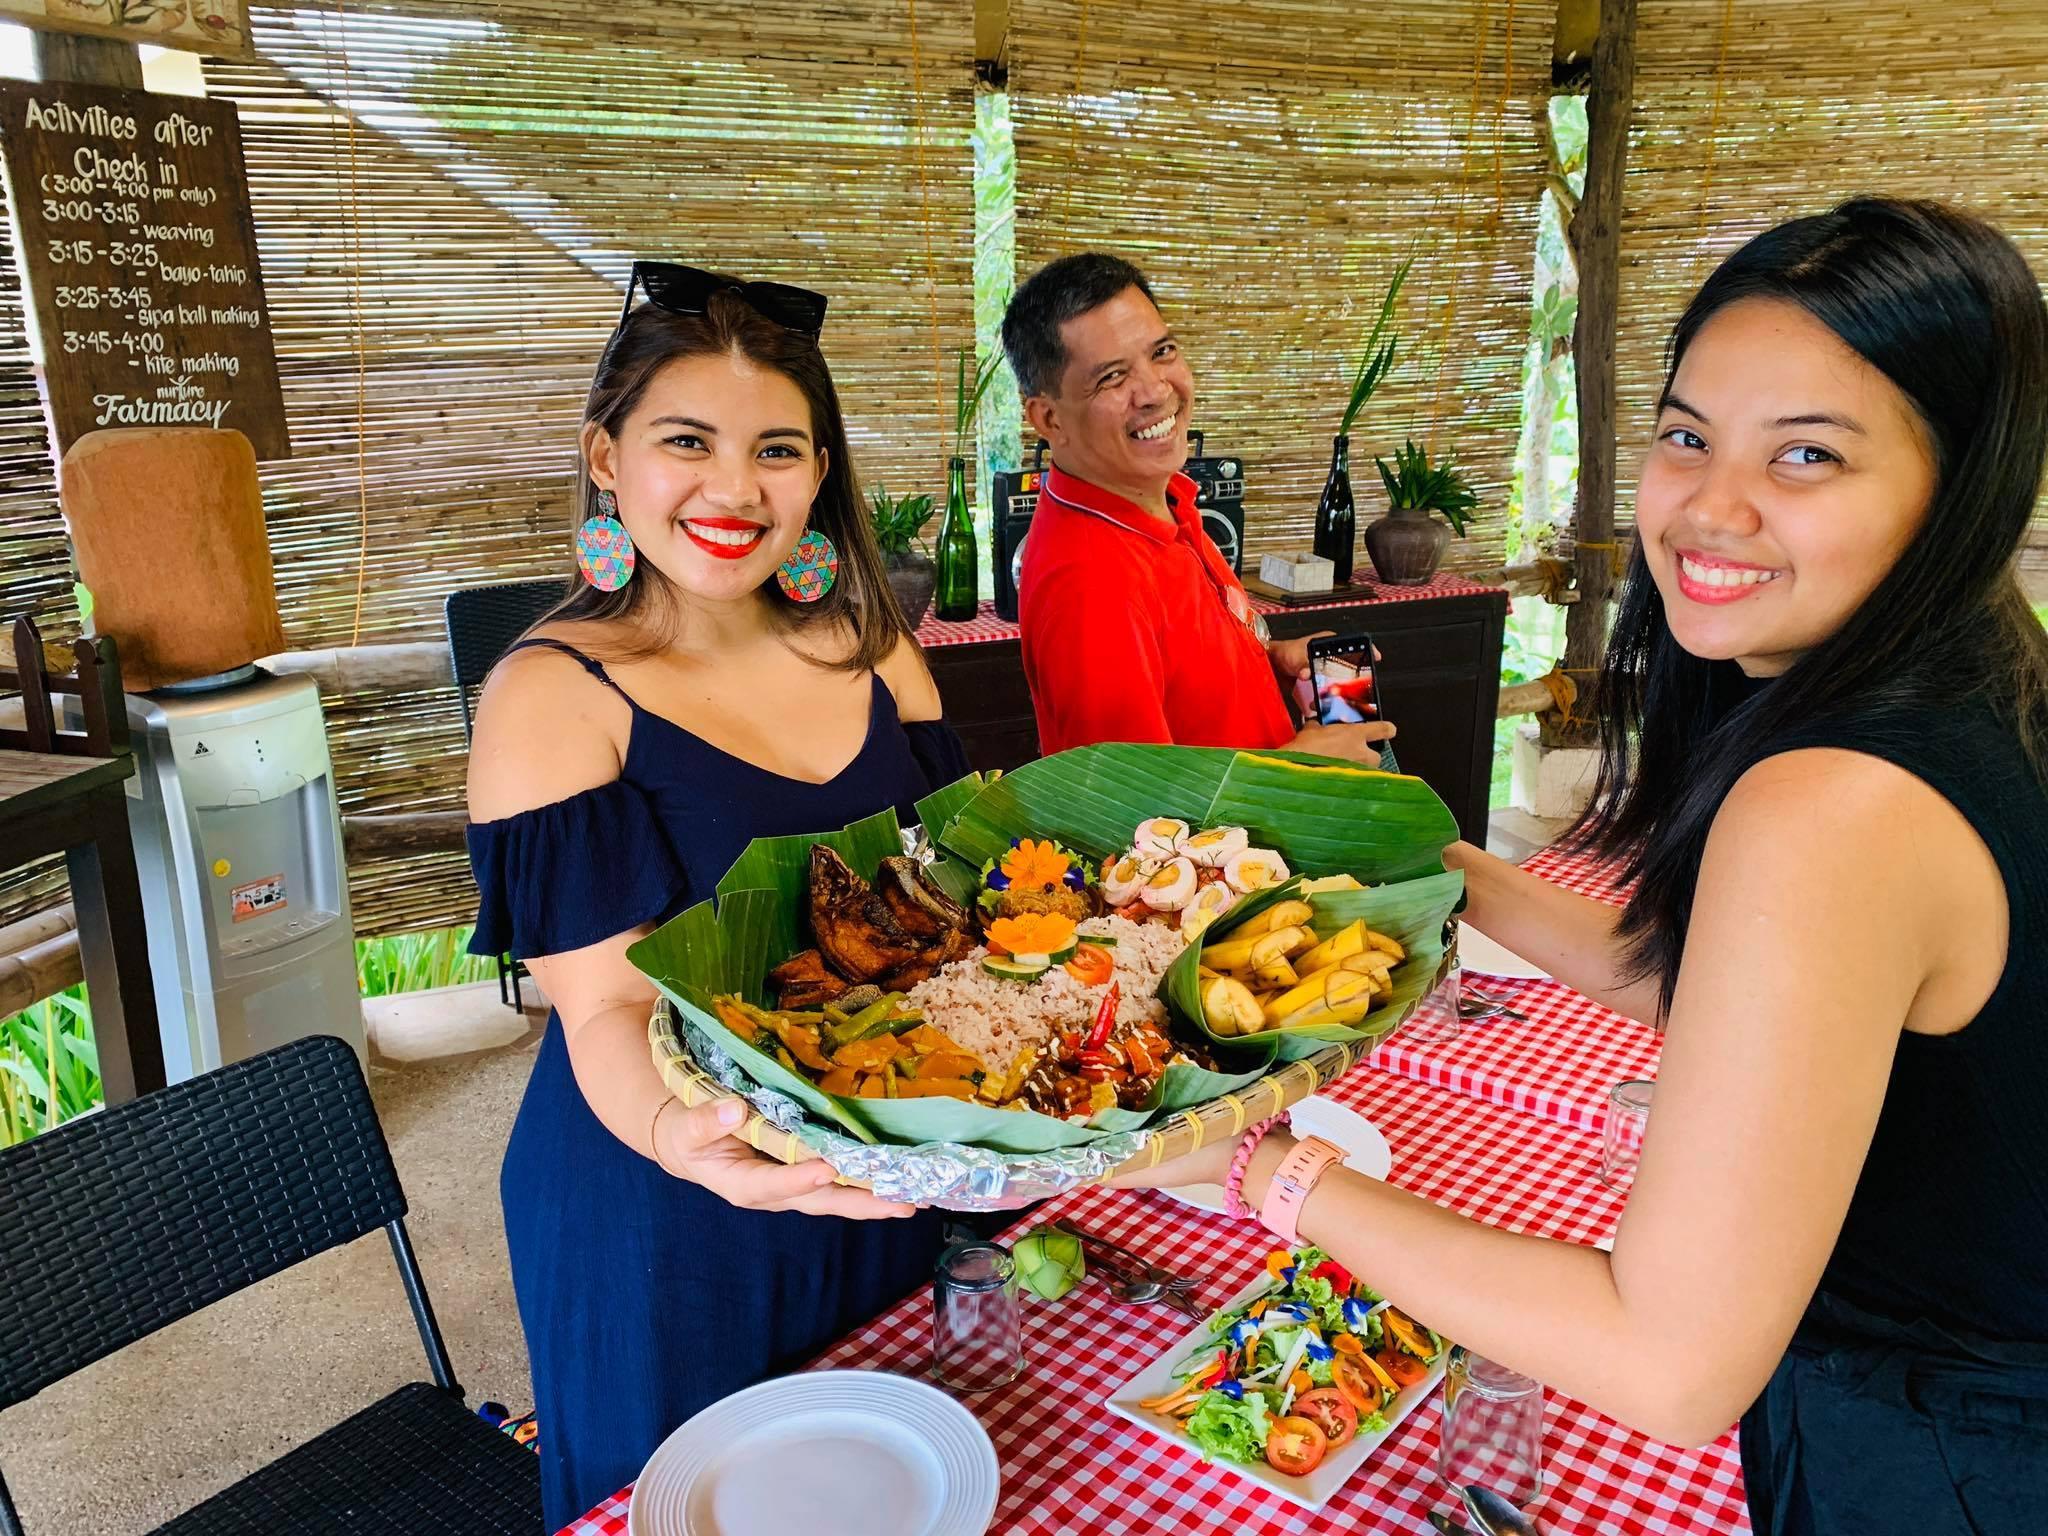 Our Stay in Nurture Wellness Village Resort in Tagaytay, Philippines